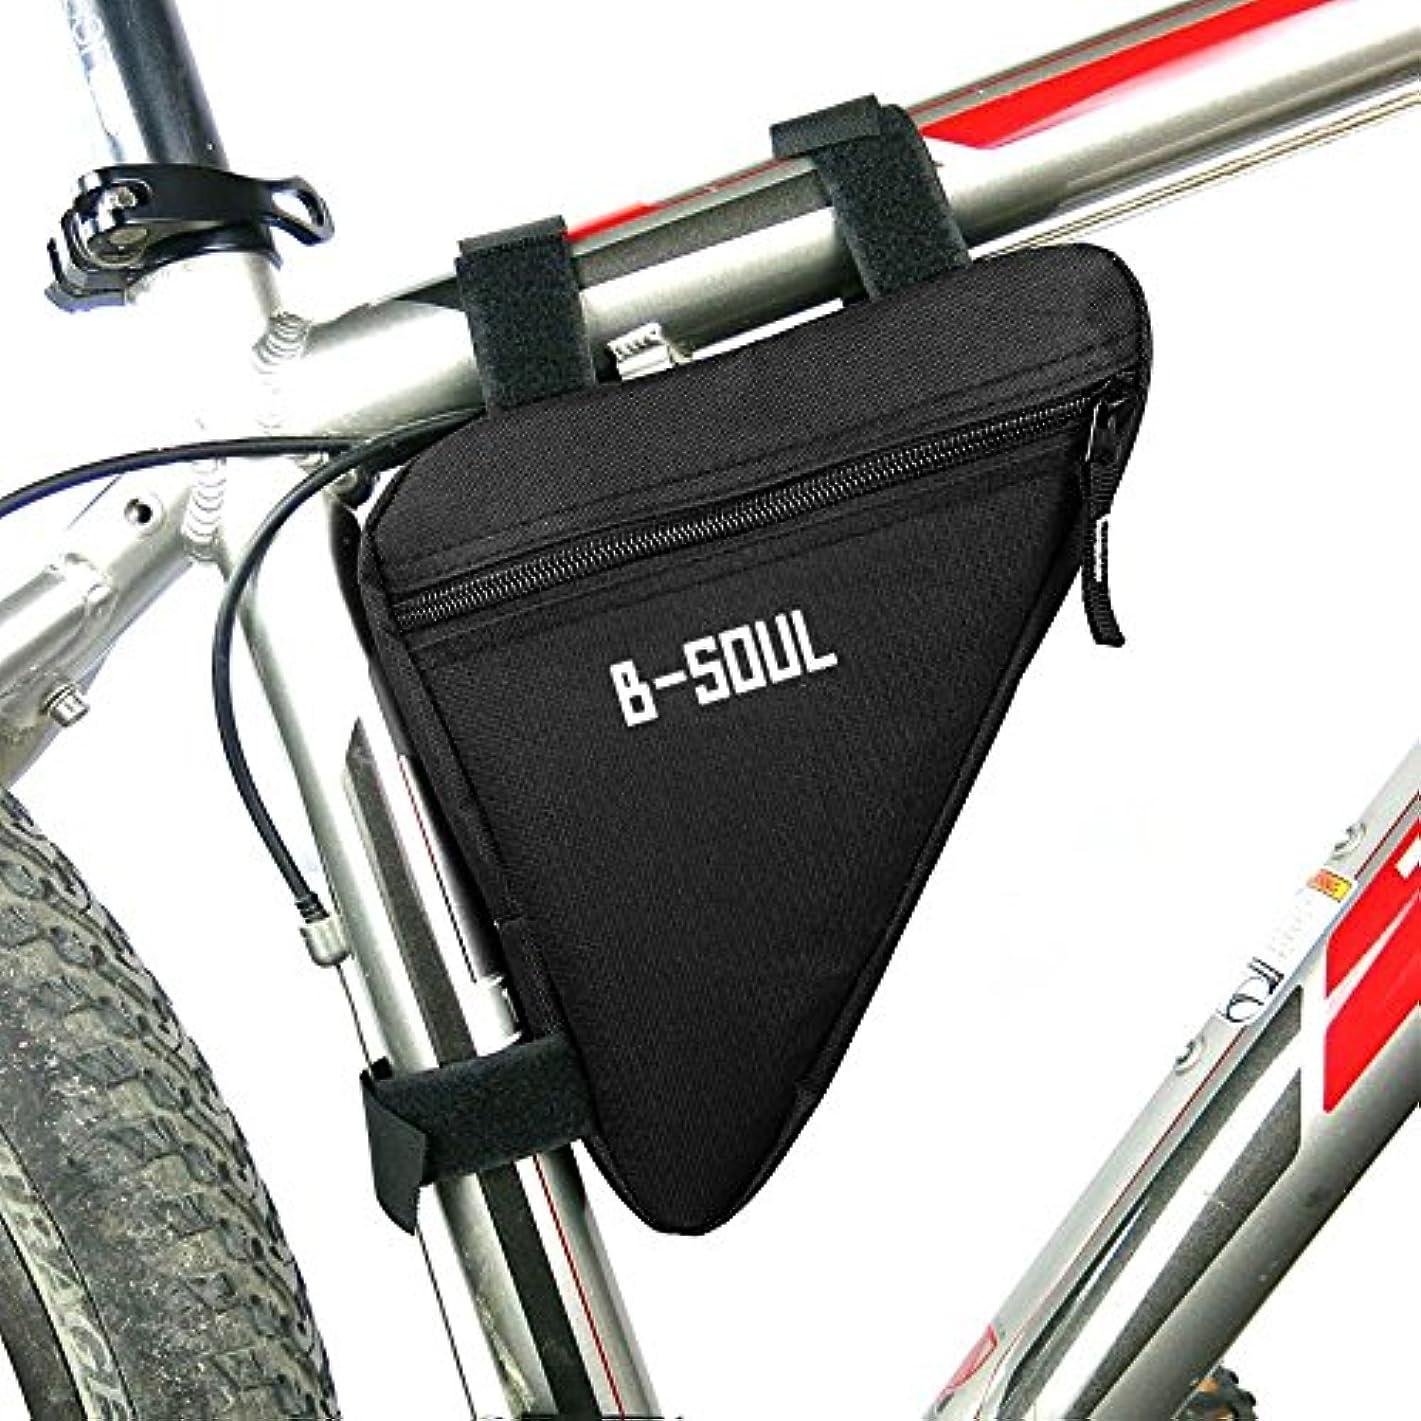 グレーコテージ準備した自転車用 トライアングル型バッグ ?三角形のバイク 自転車フロントチューブ フレーム ポーチ バッグ ホルダー サドル パニエ サイクリングバッグ ブラック